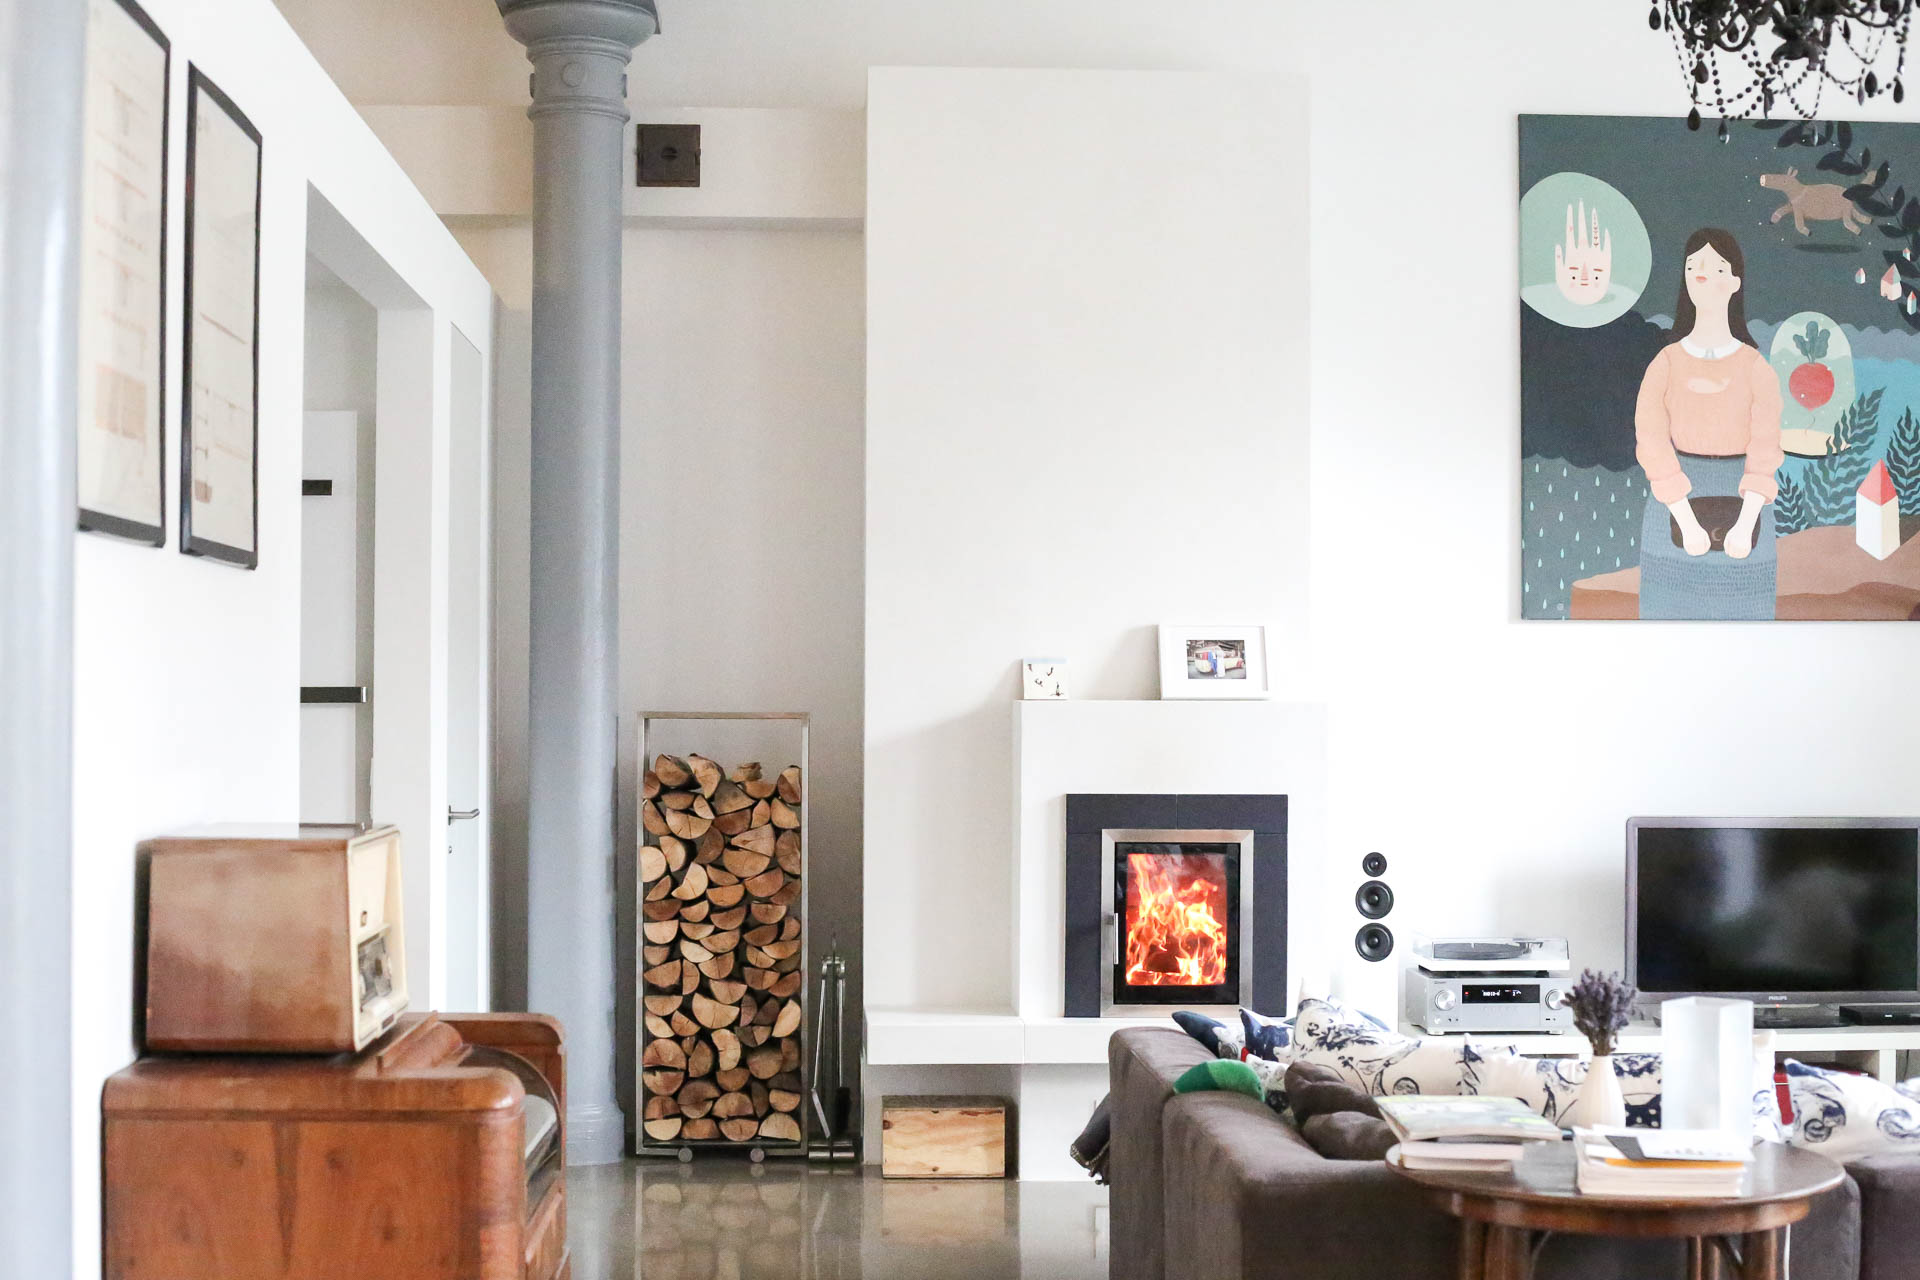 Groß Einrichtung Kleine Wohnung Tamar Rosenberg Galerie ...